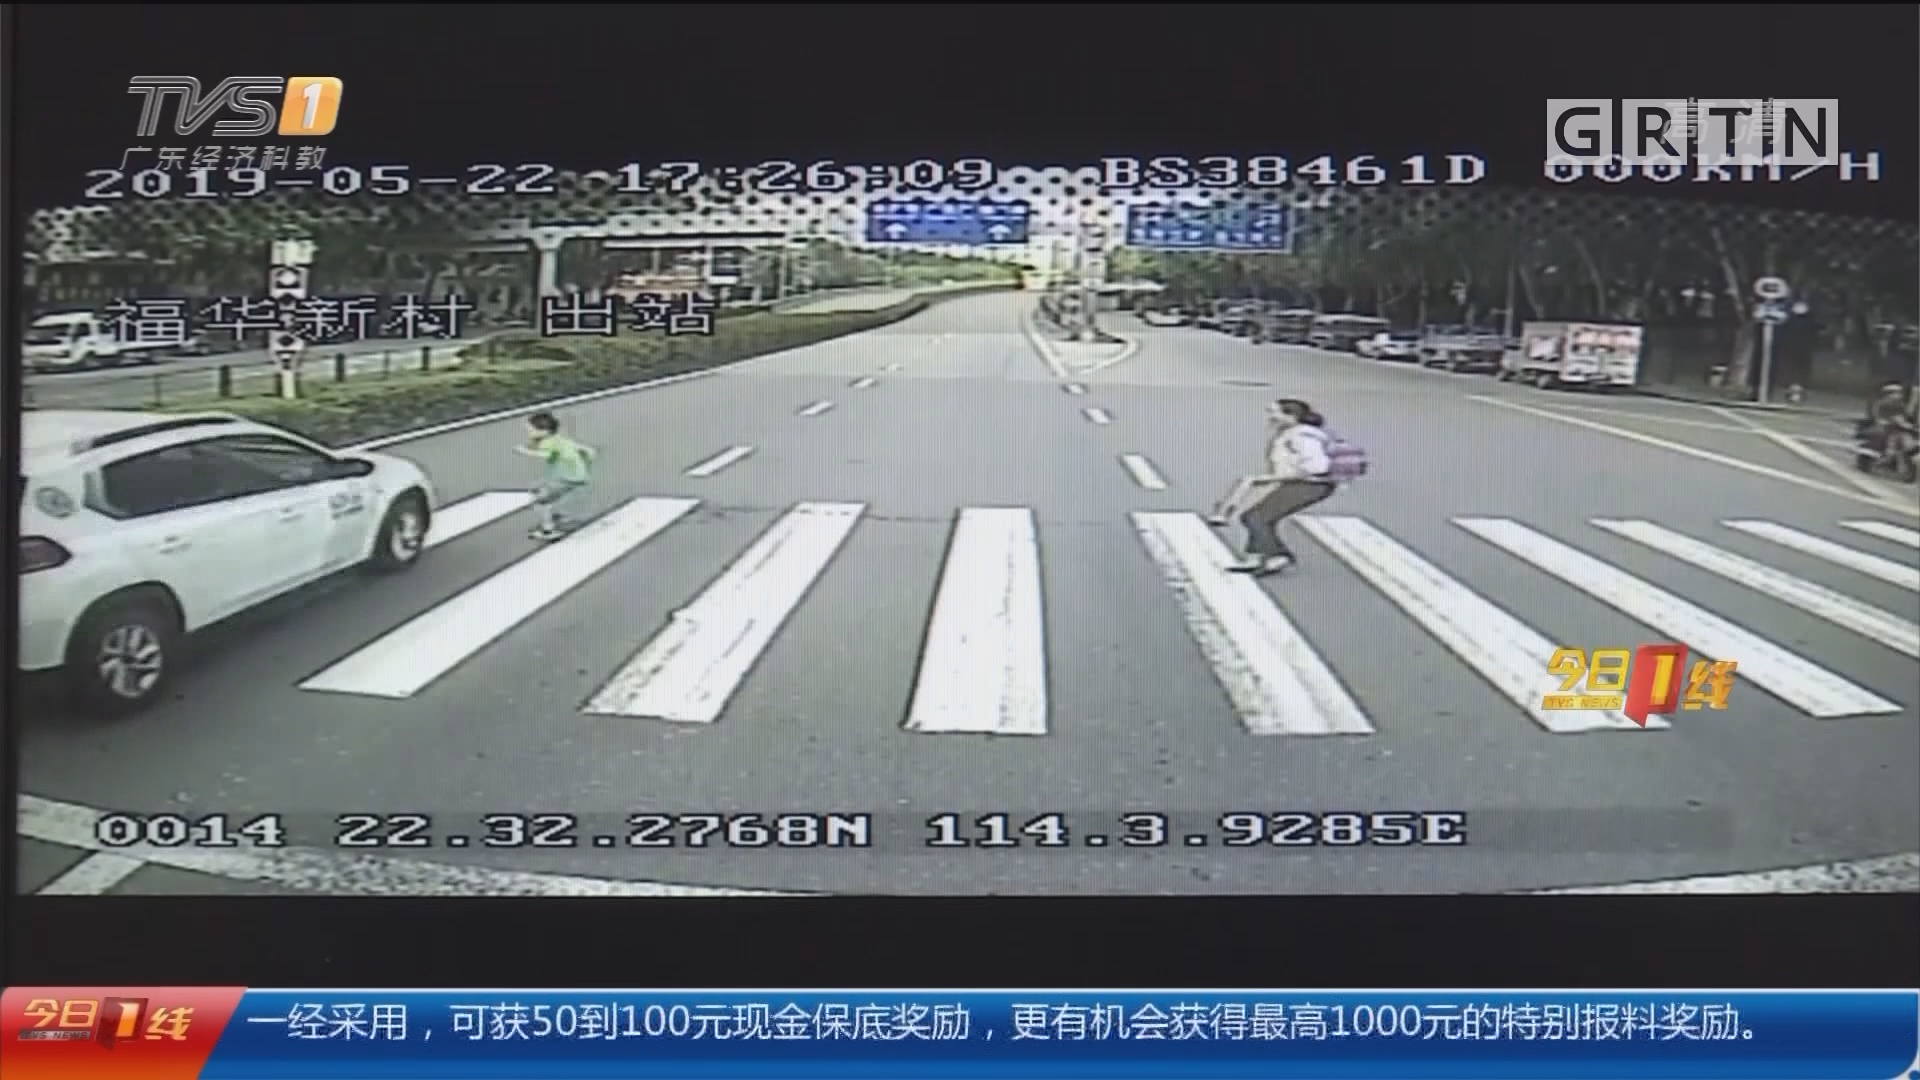 深圳:撞飞男童逃逸 肇事司机为赶高铁?